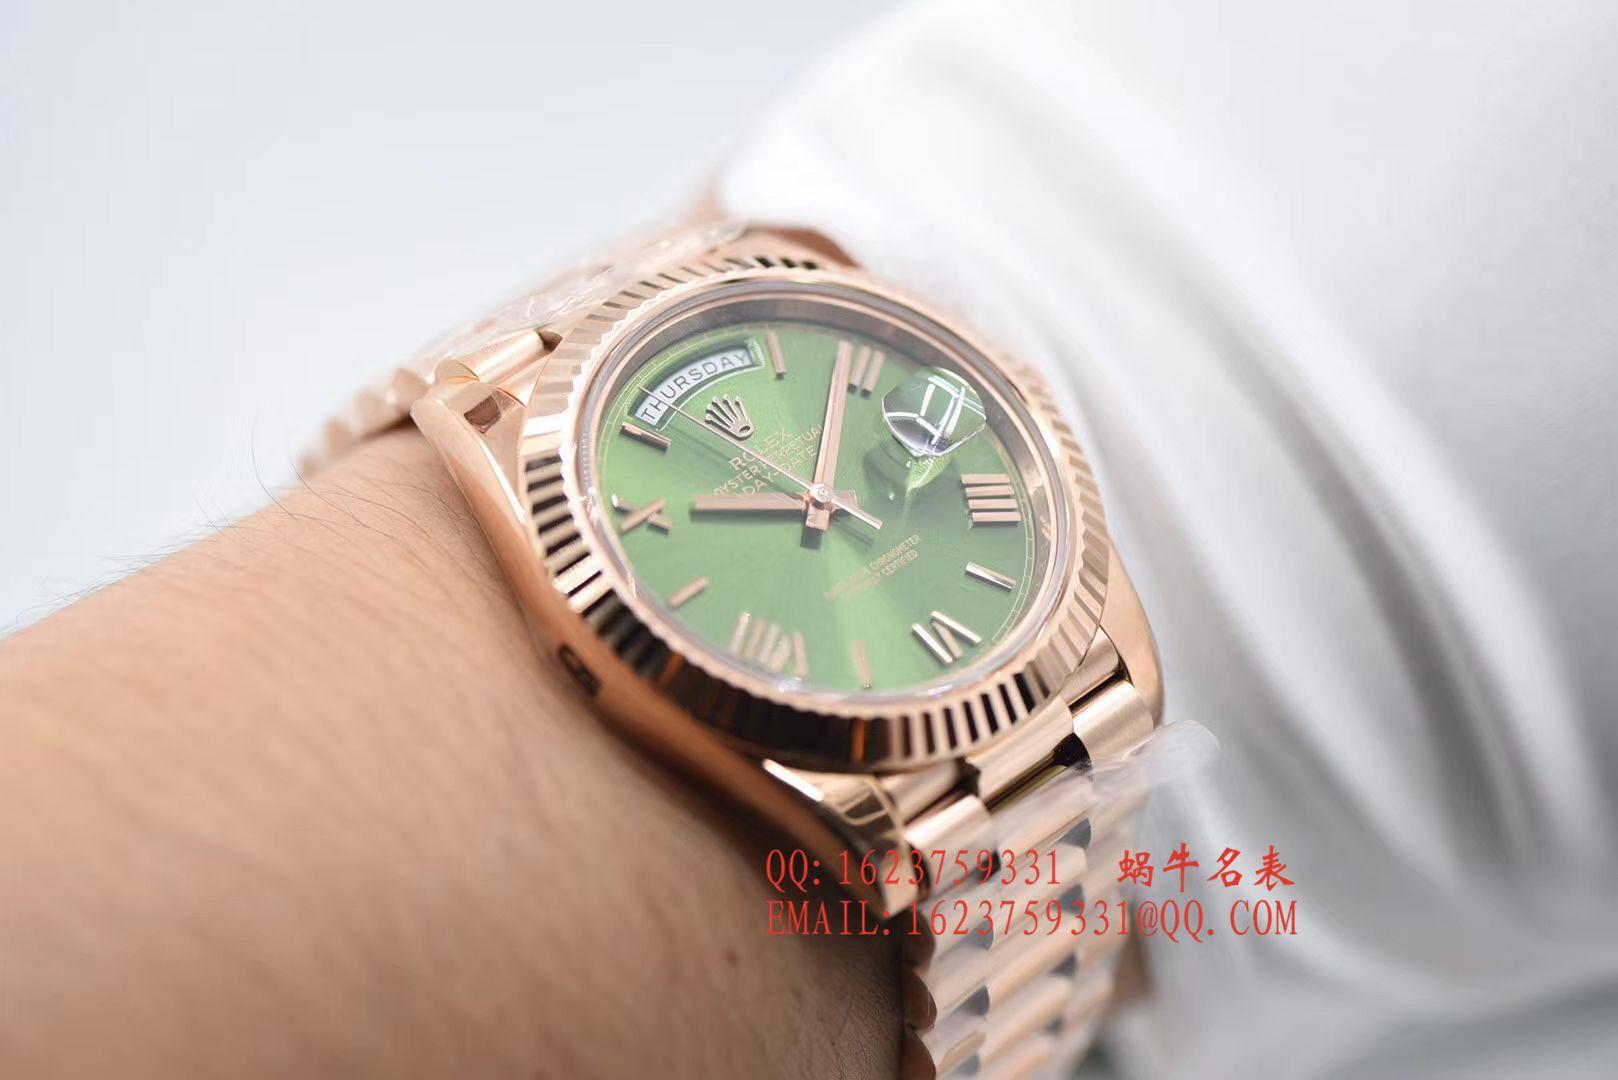 【独家视频评测N厂超A一比一高仿手表】劳力士day date星期日历型系列228235绿盘腕表 / RBE165